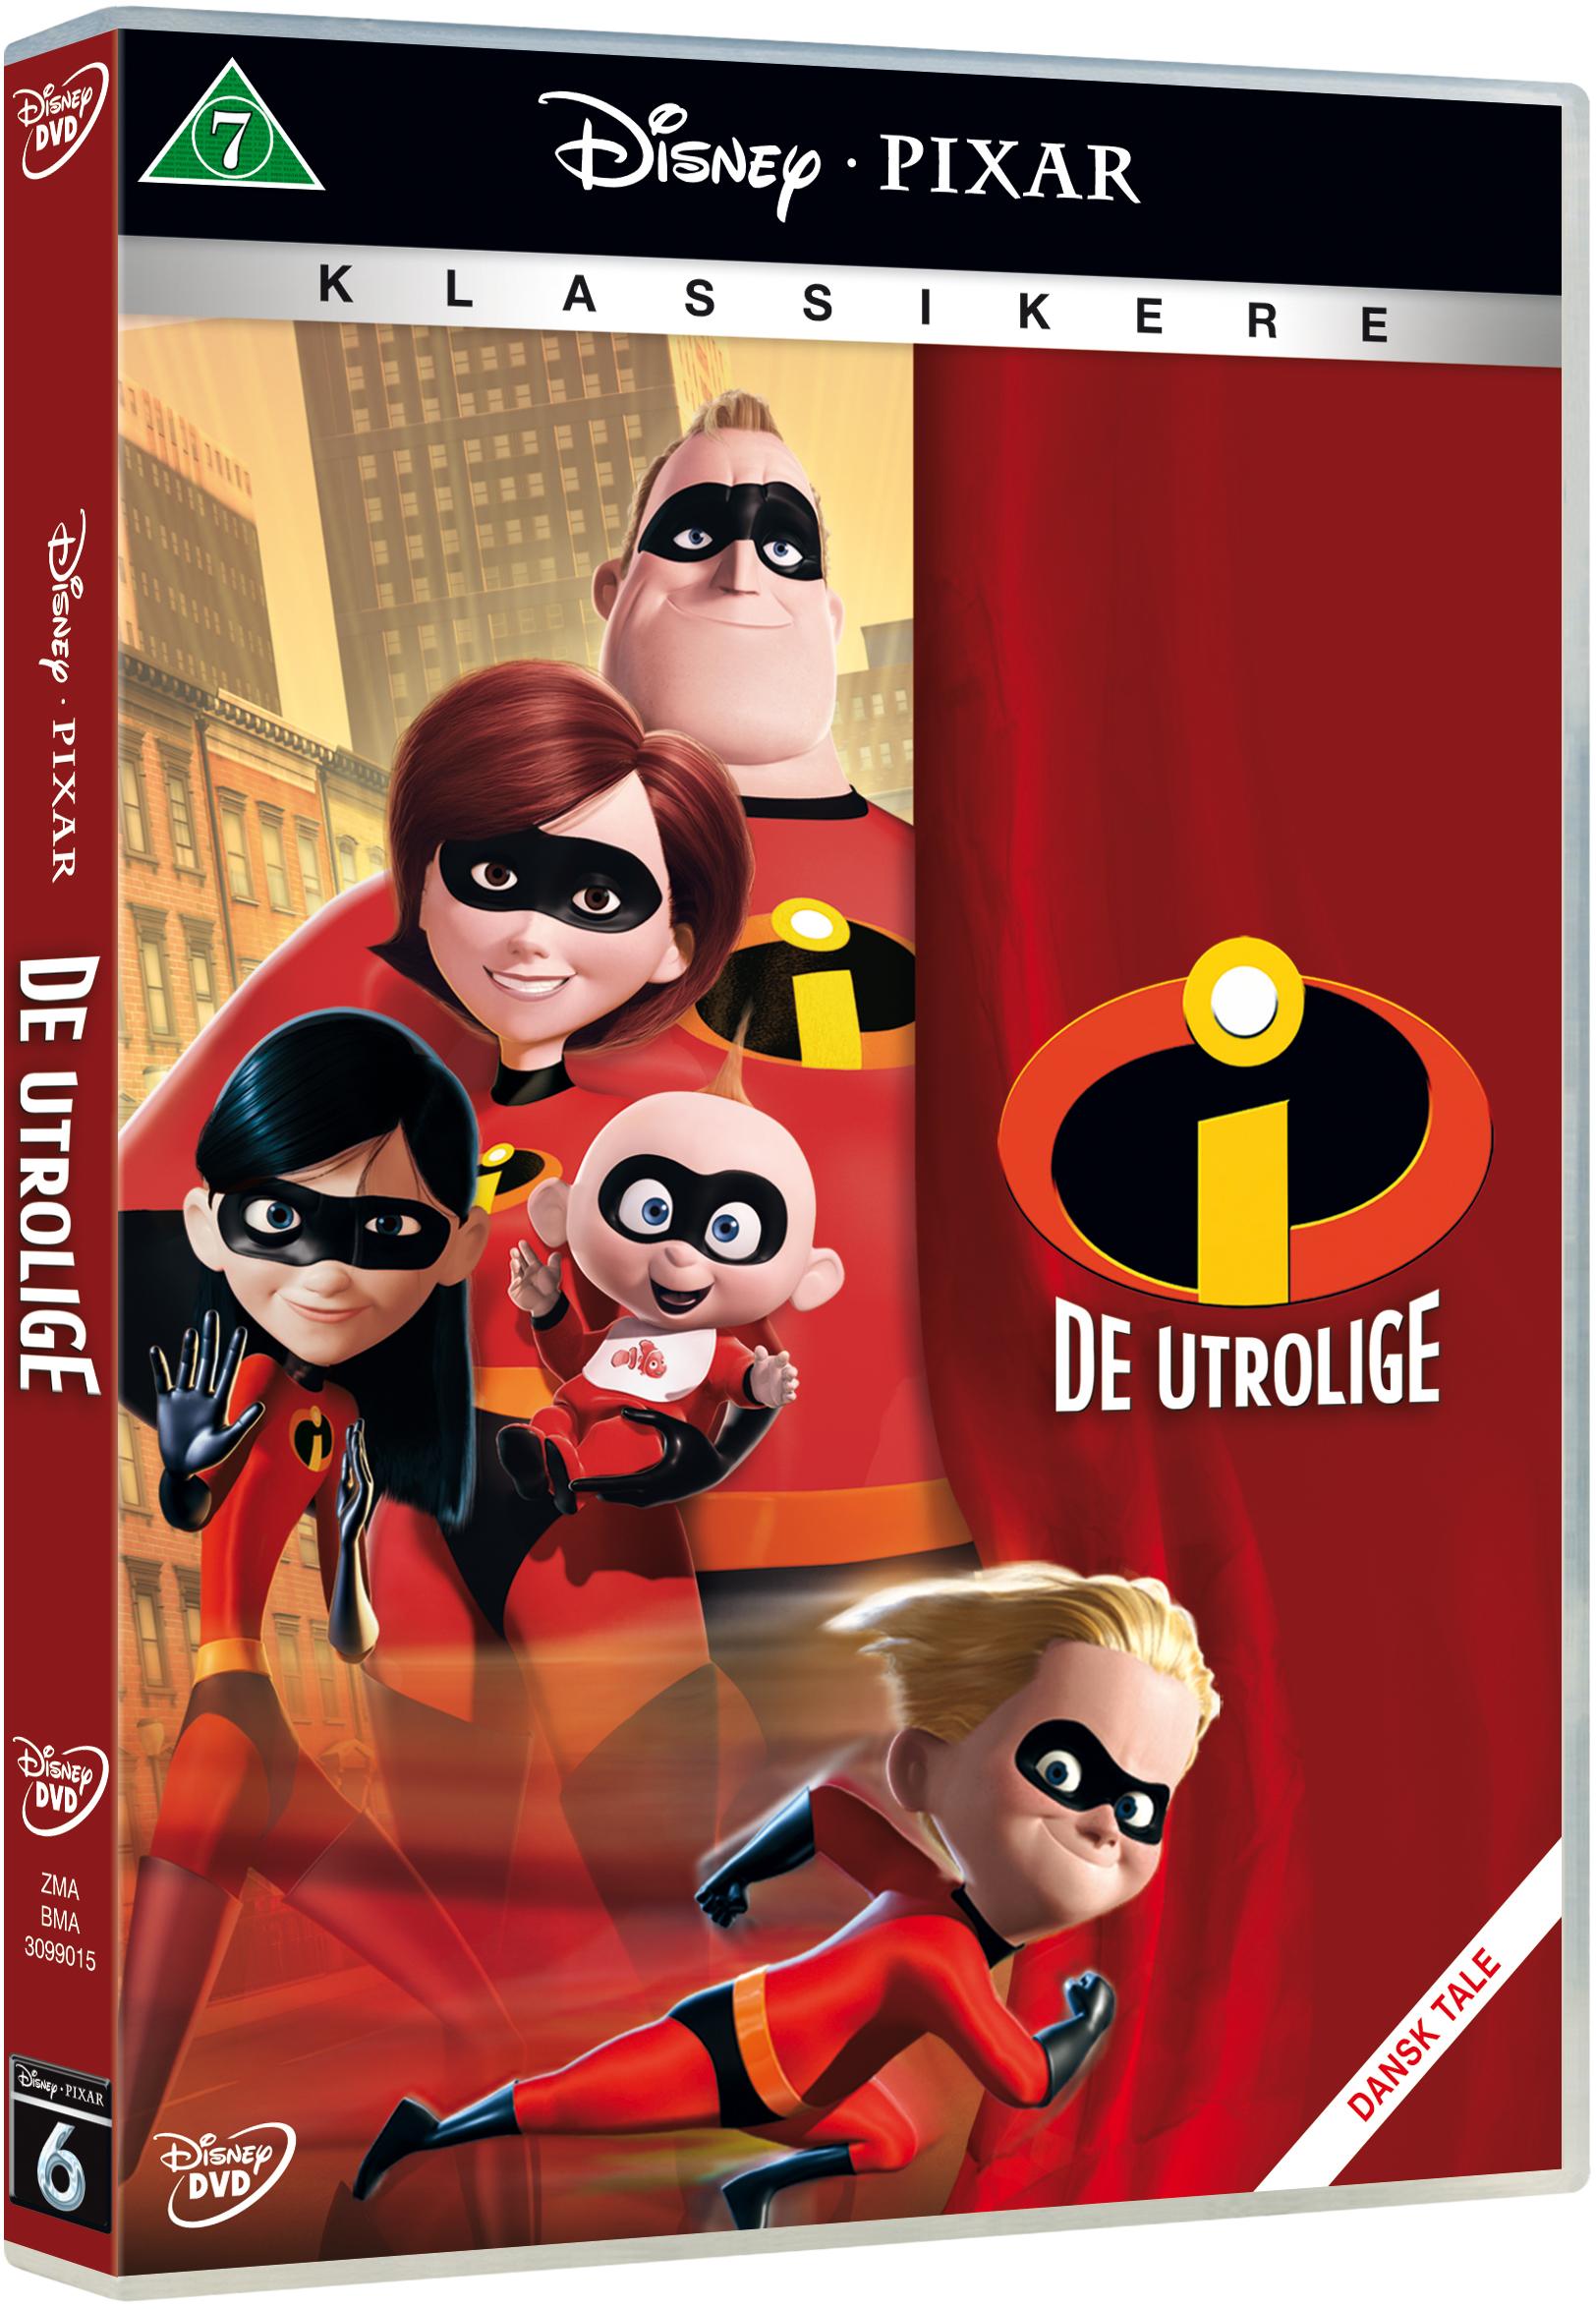 De Utrolige Pixar #6